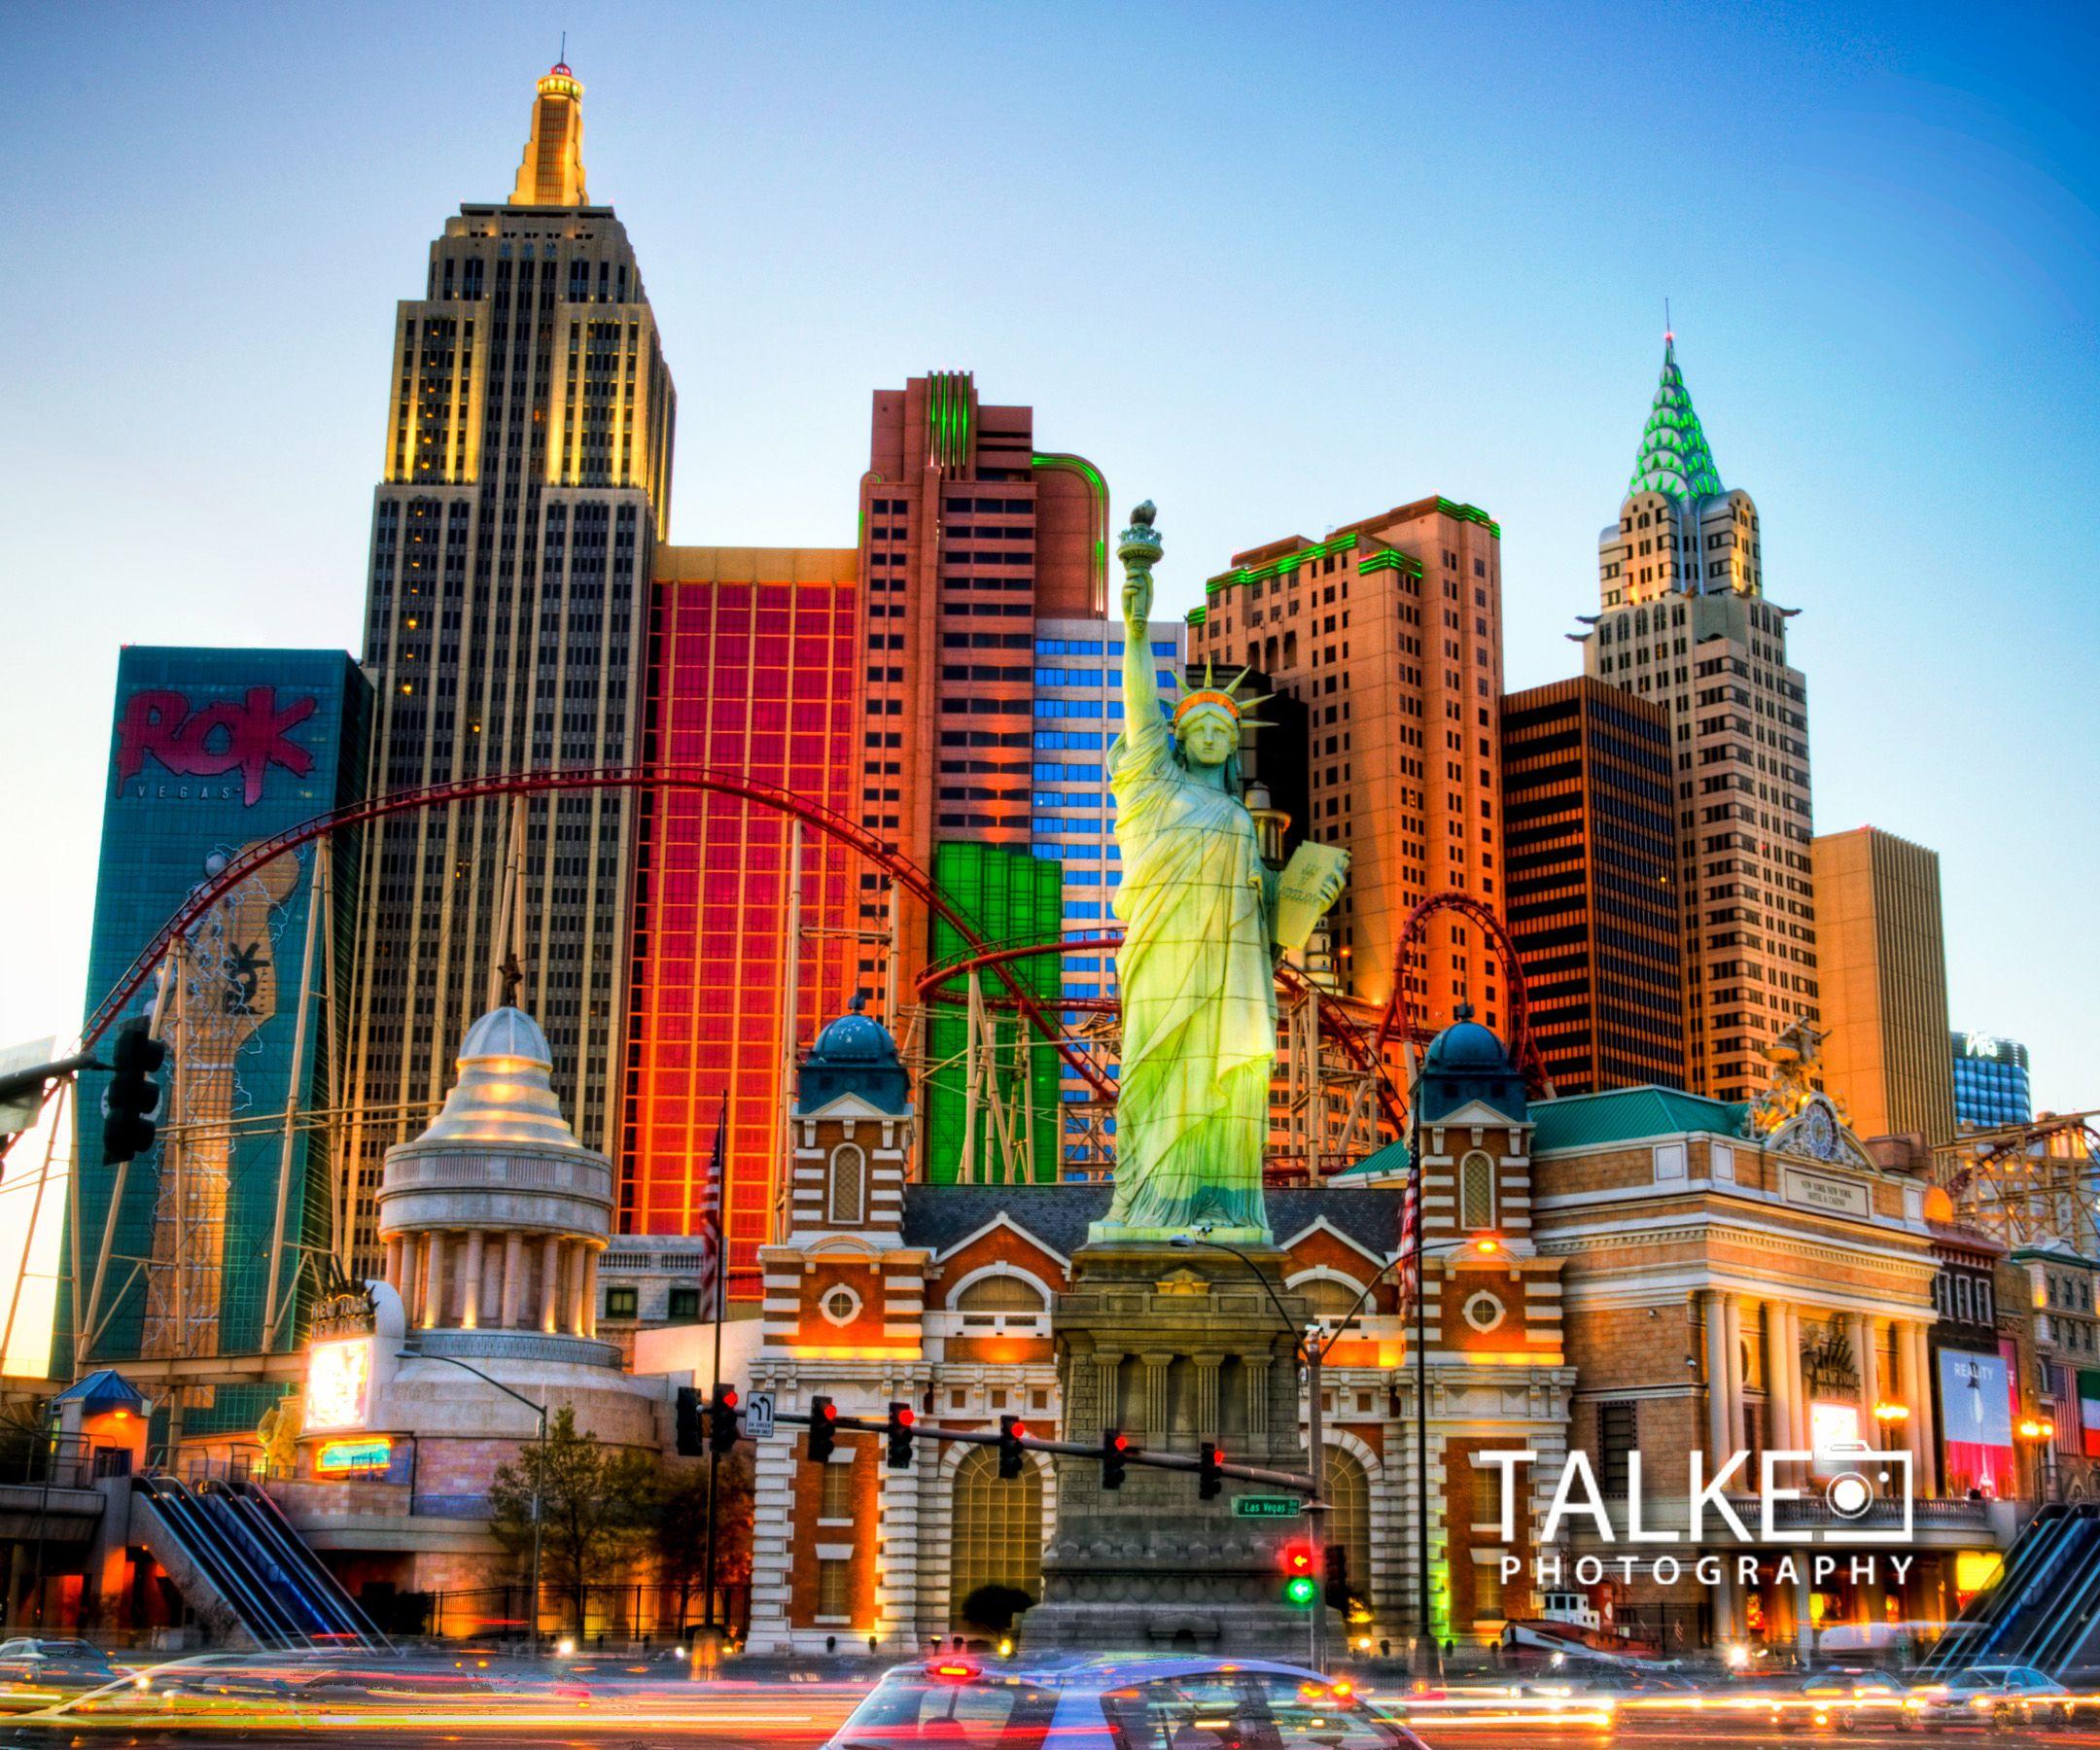 Las Vegas Nyny Hdr Mousepad Las Vegas Images Las Vegas Hotels Las Vegas Pictures